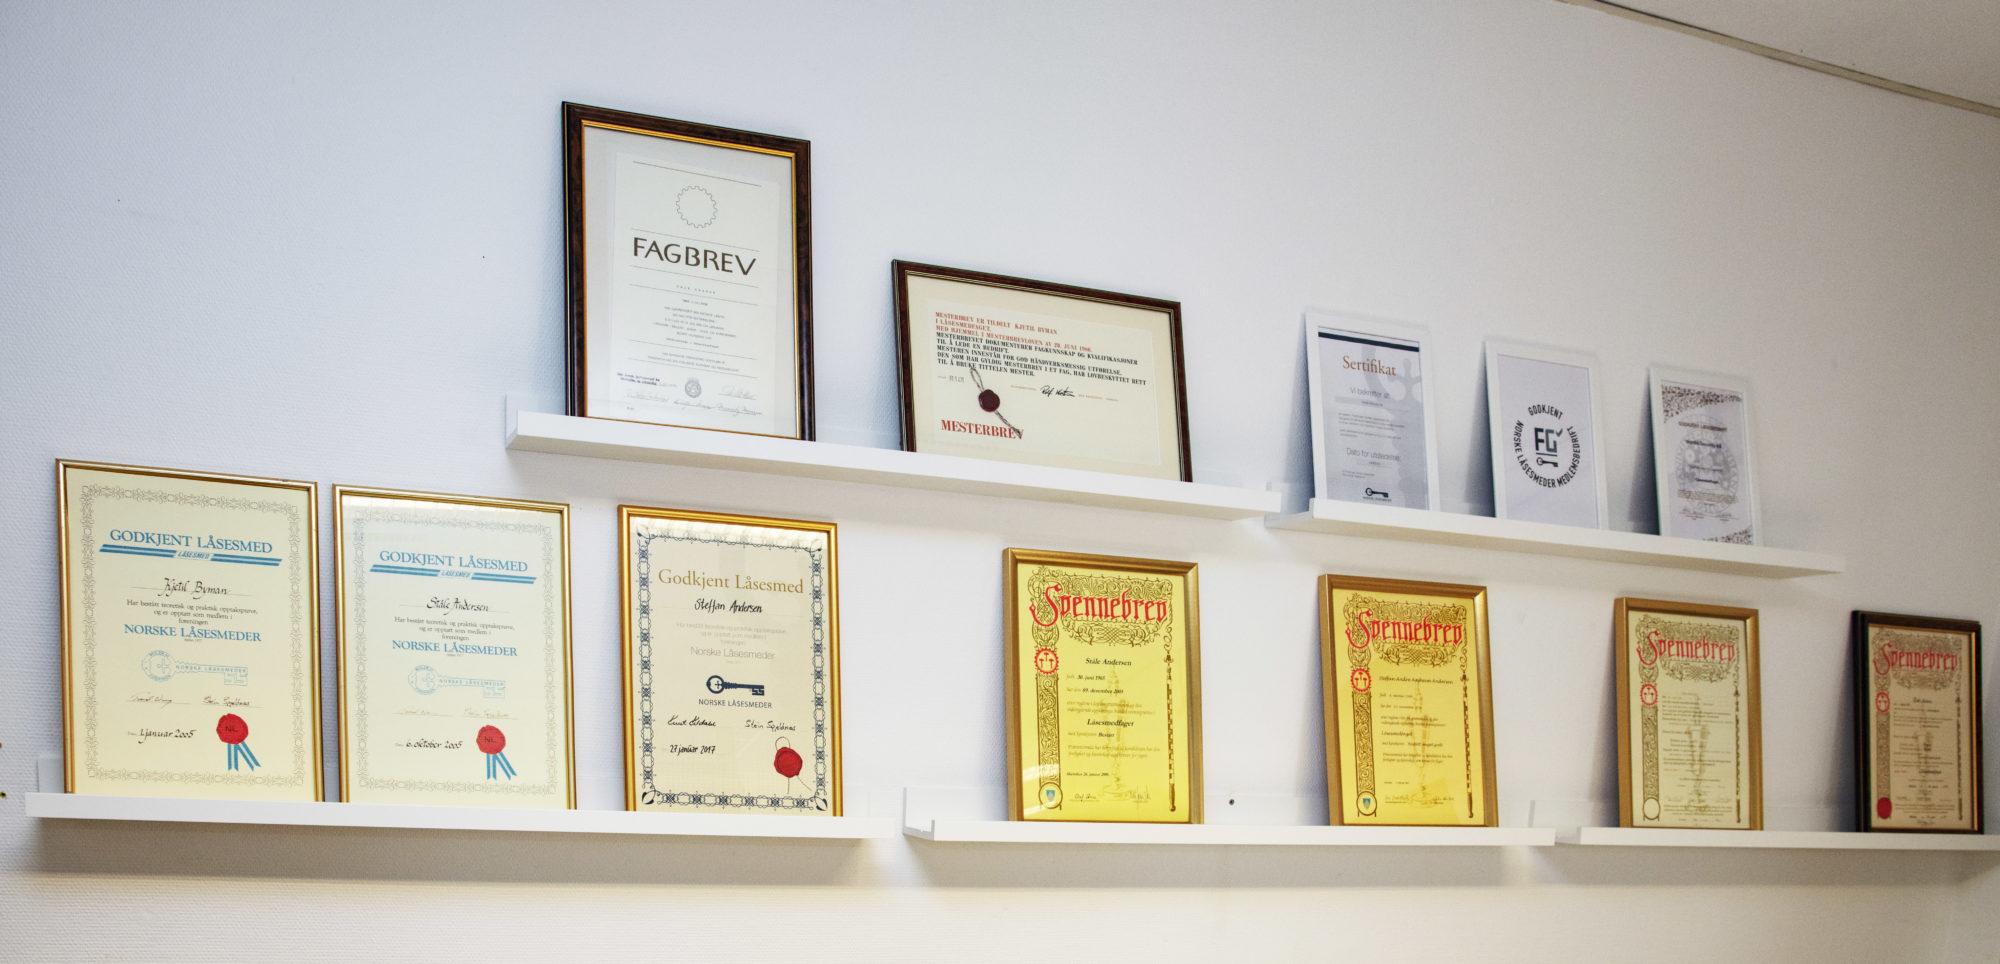 Mange diplomer og fagbrev på hyller